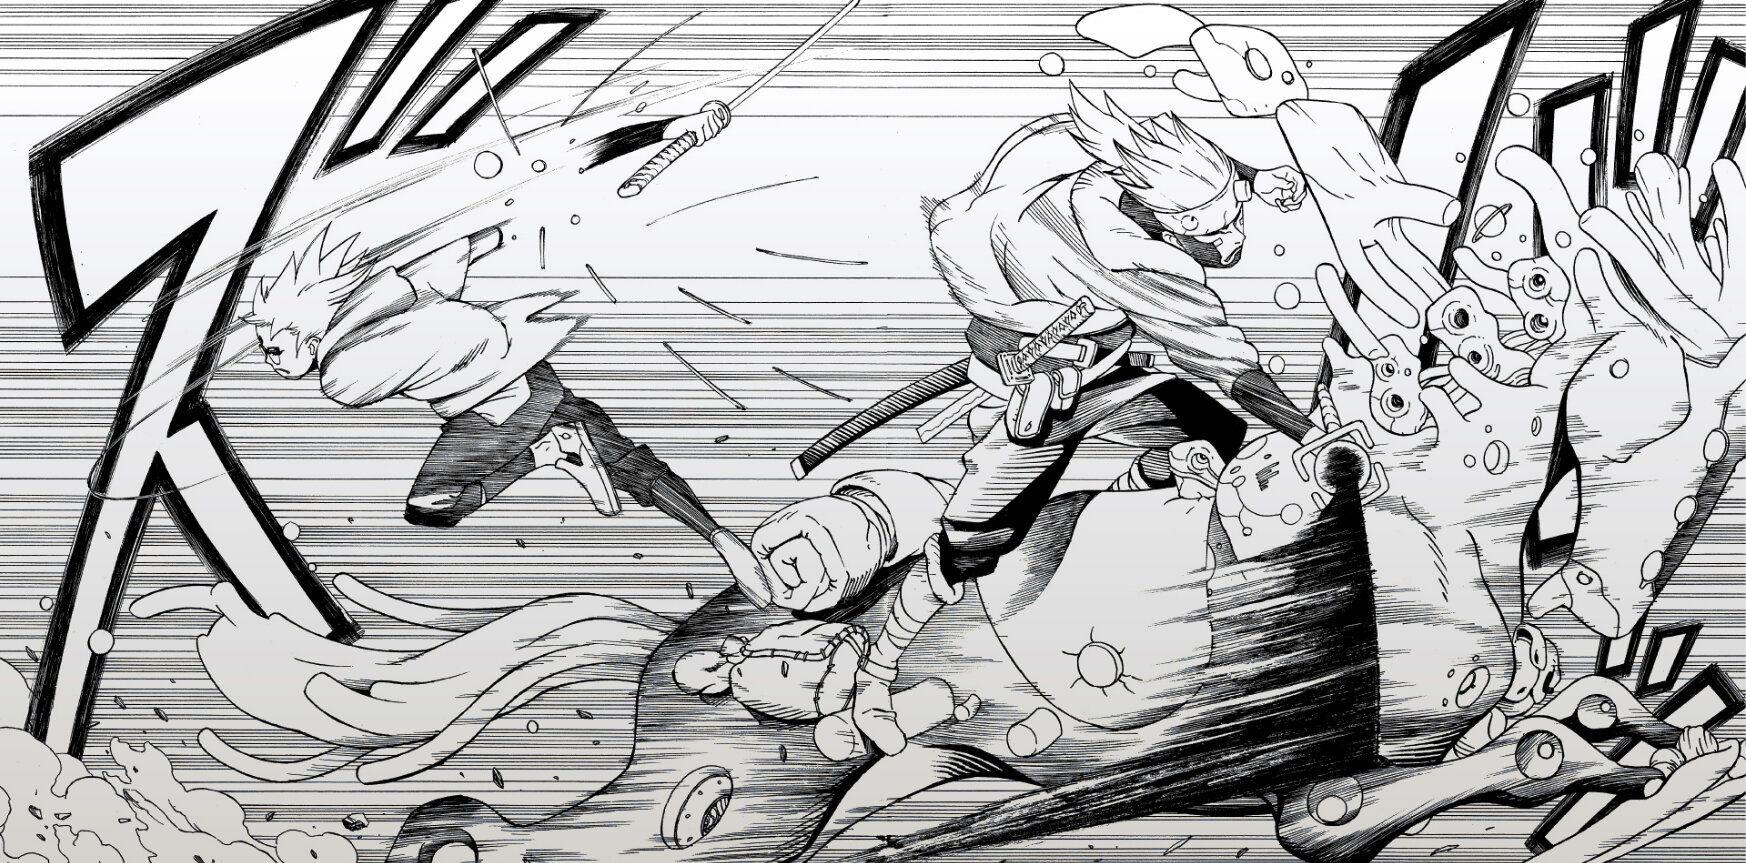 extrait du manga samurai 8 en ligne